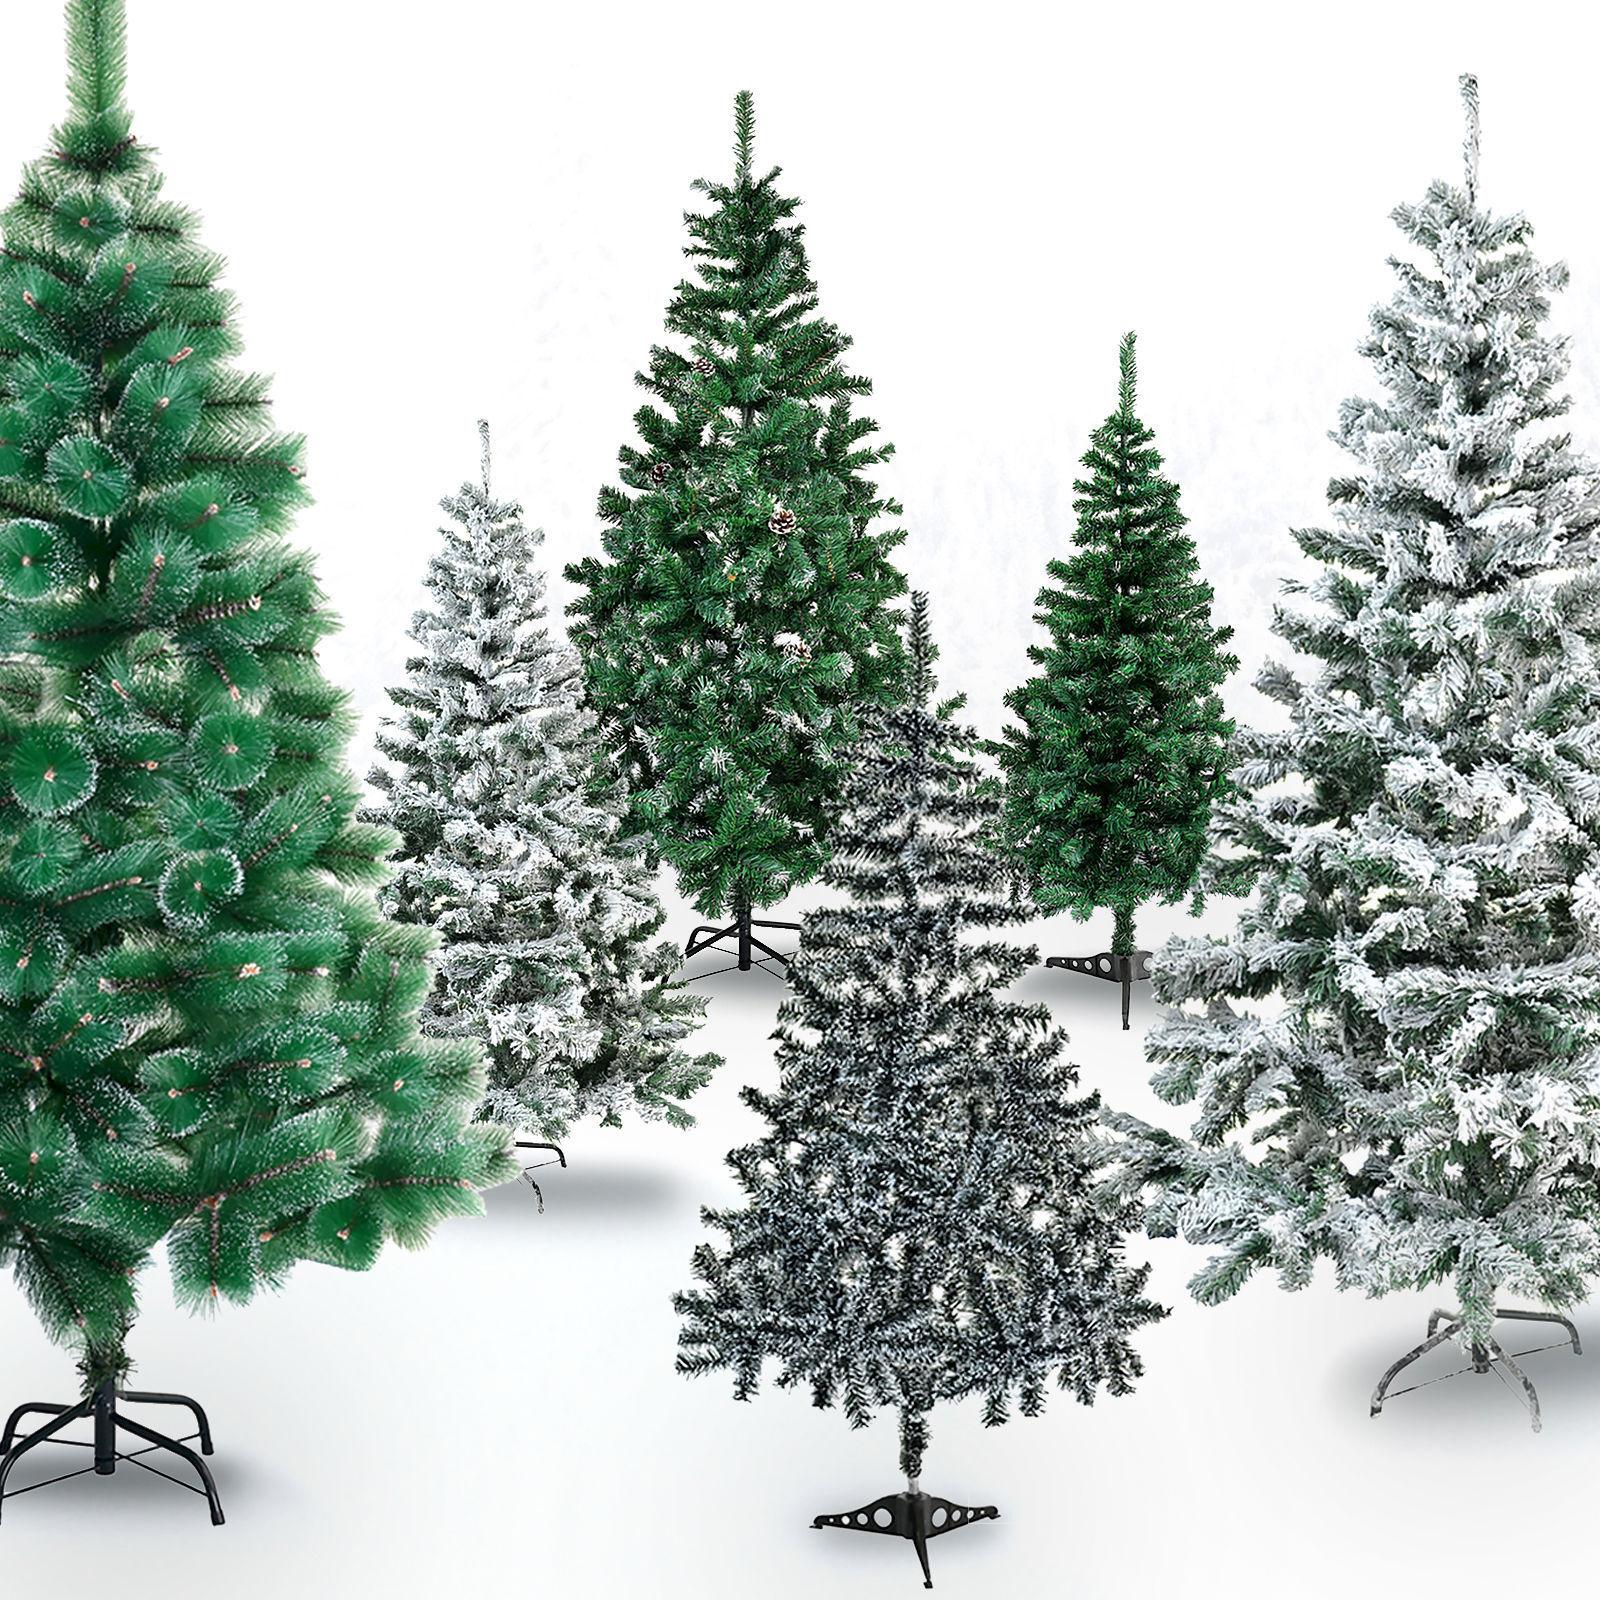 Kunststoff Weihnachtsbaum.Baum Kunststoff Weihnachtsbaum Kunstlicher Modelle 5